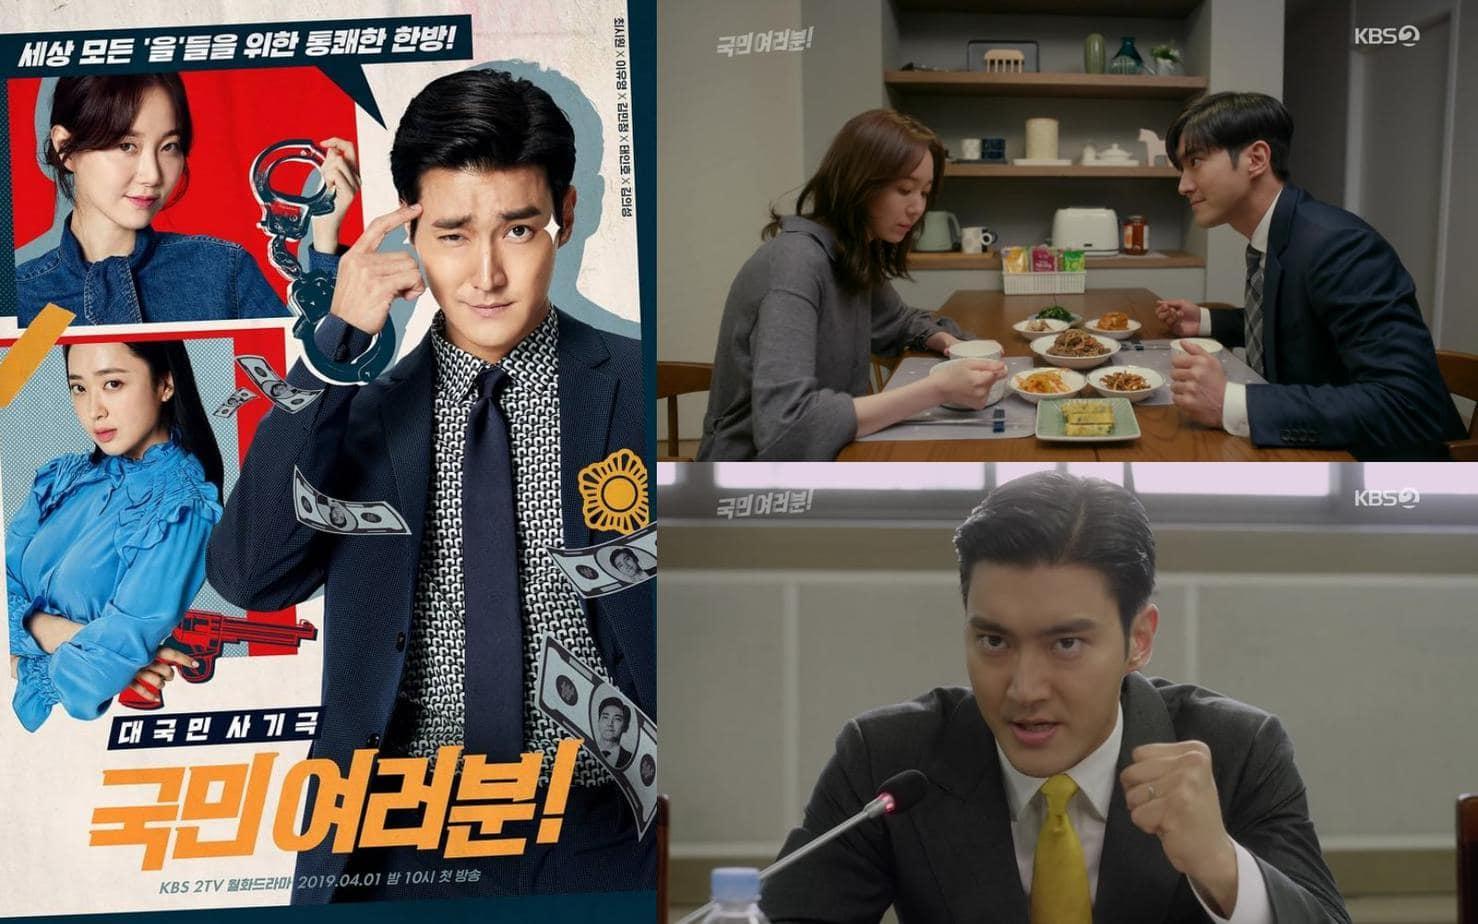 7 ซีรีย์เกาหลีเกี่ยวกับนักต้มตุ๋น มีฉากหักมุมเยอะ!